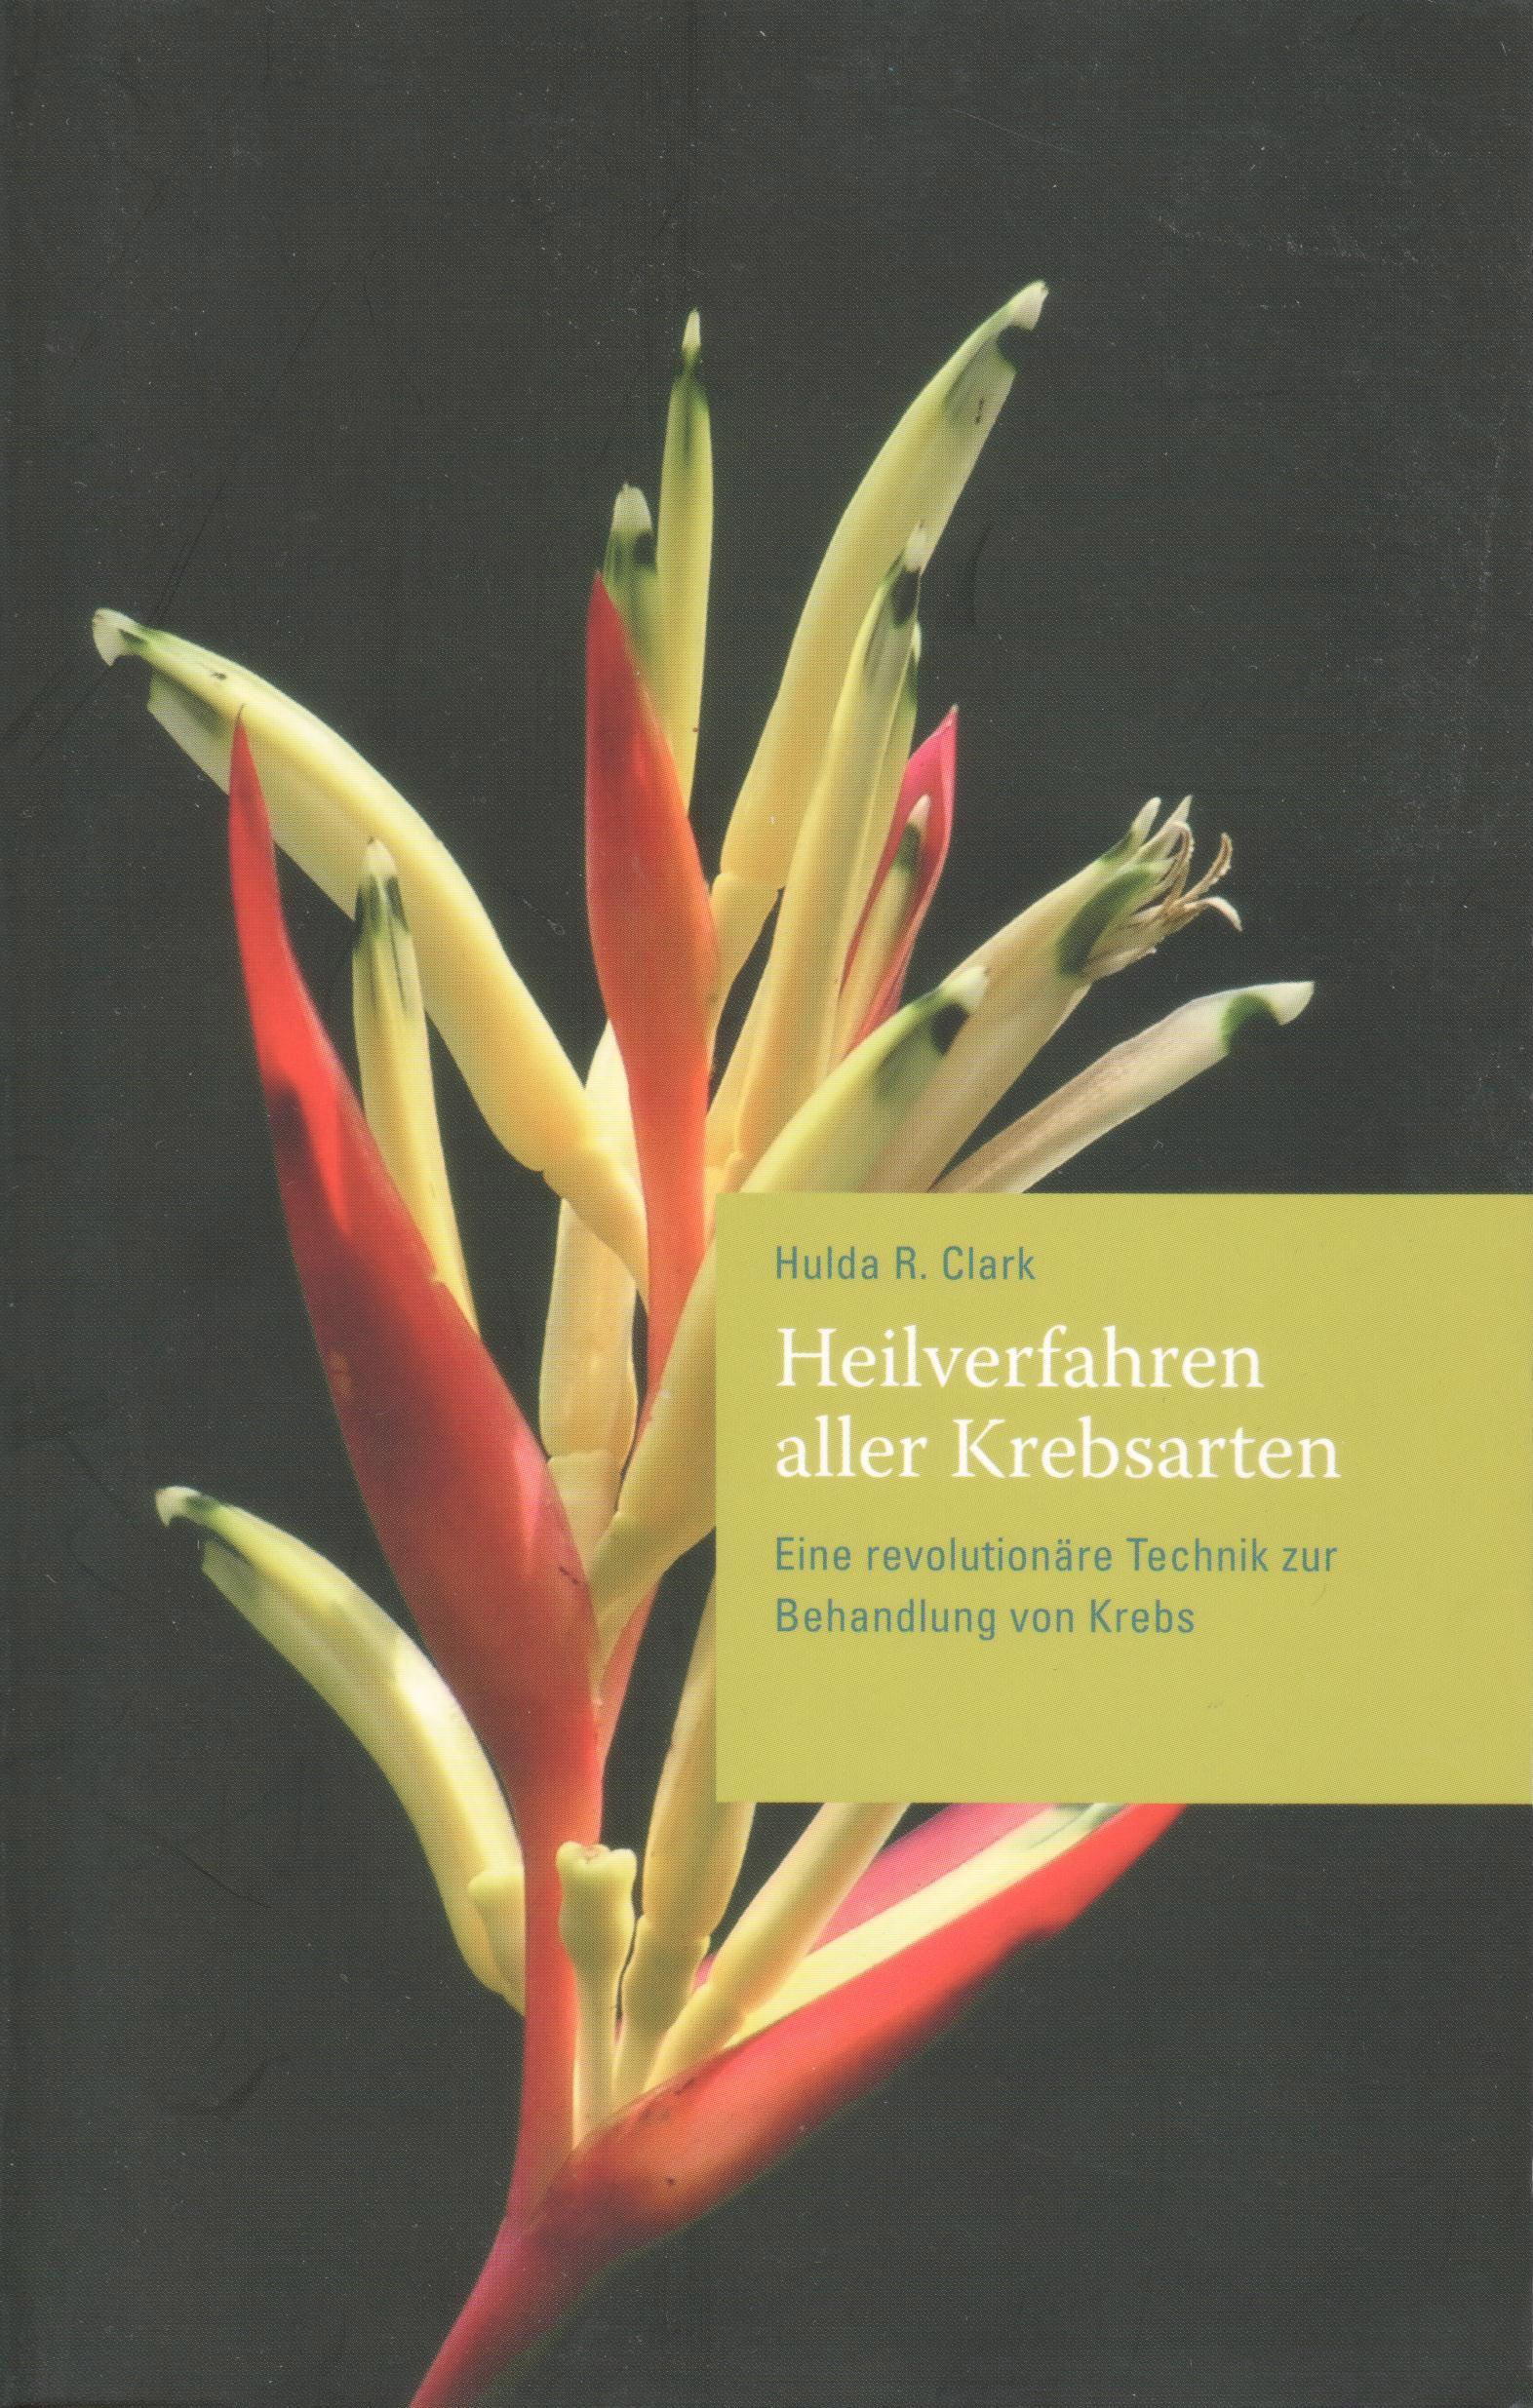 Heilverfahren aller Krebsarten von Hulda Clark auf deutsch